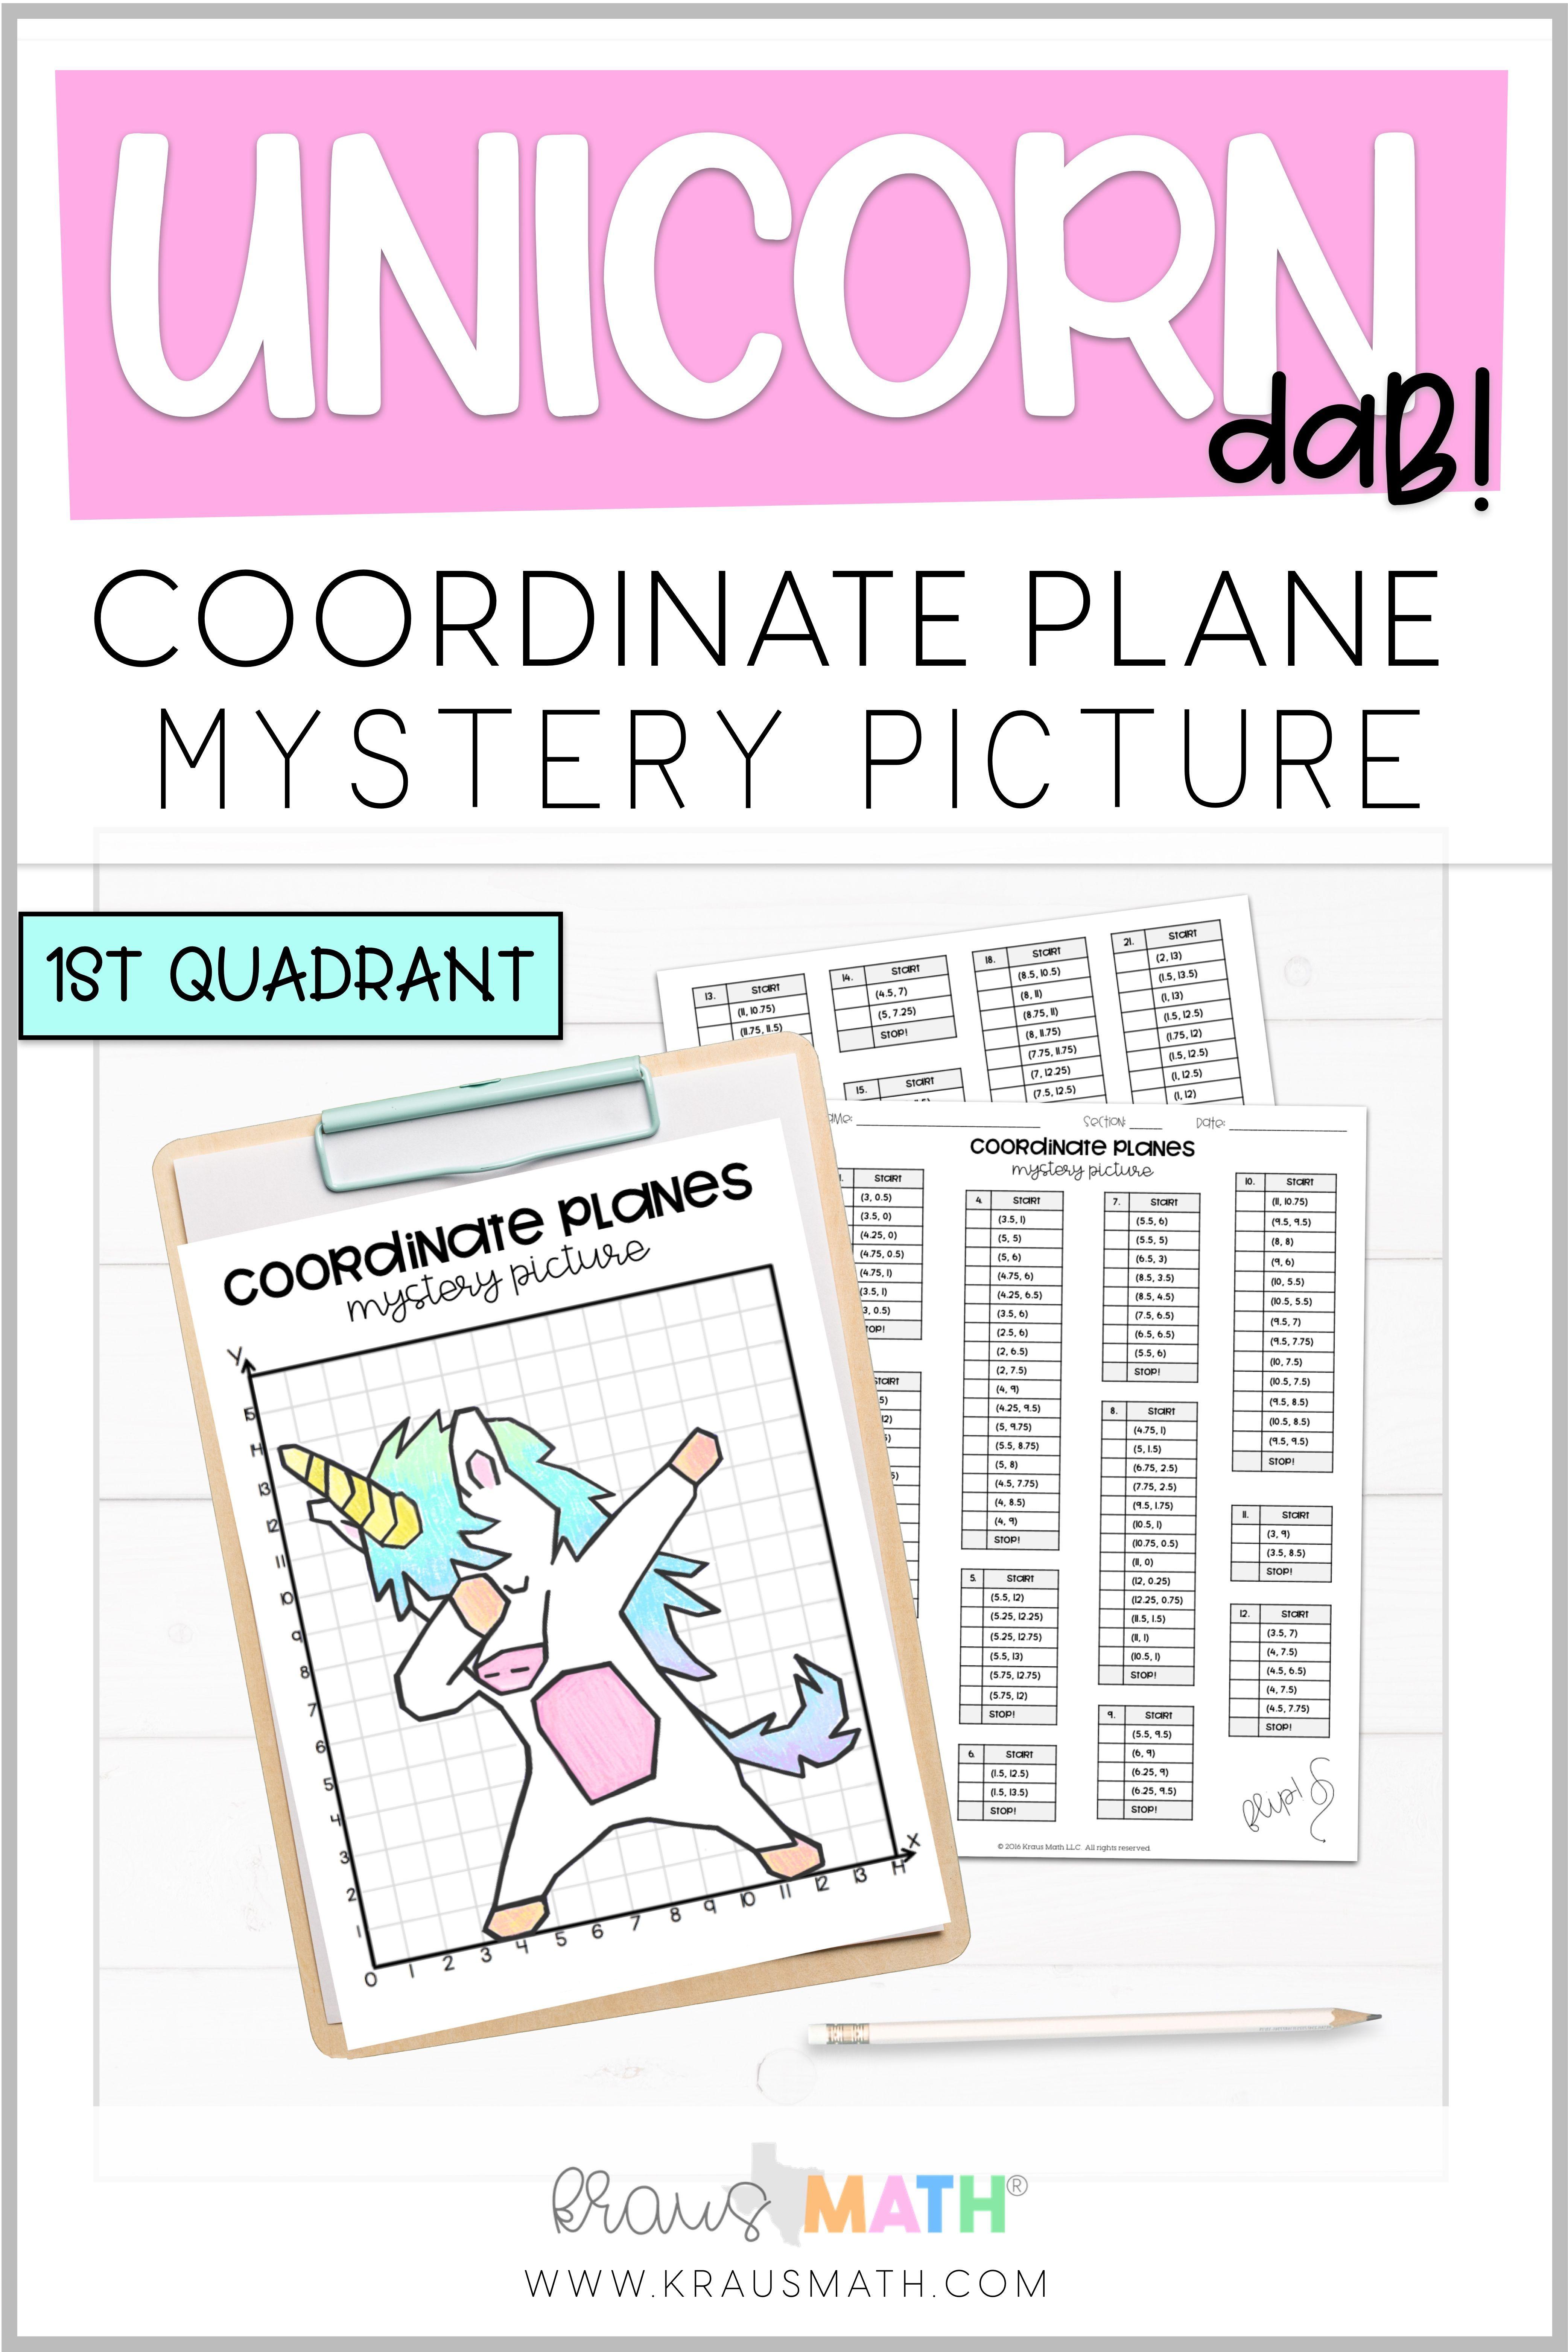 Unicorn Dab Coordinate Plane Mystery Picture 1st Quadrant